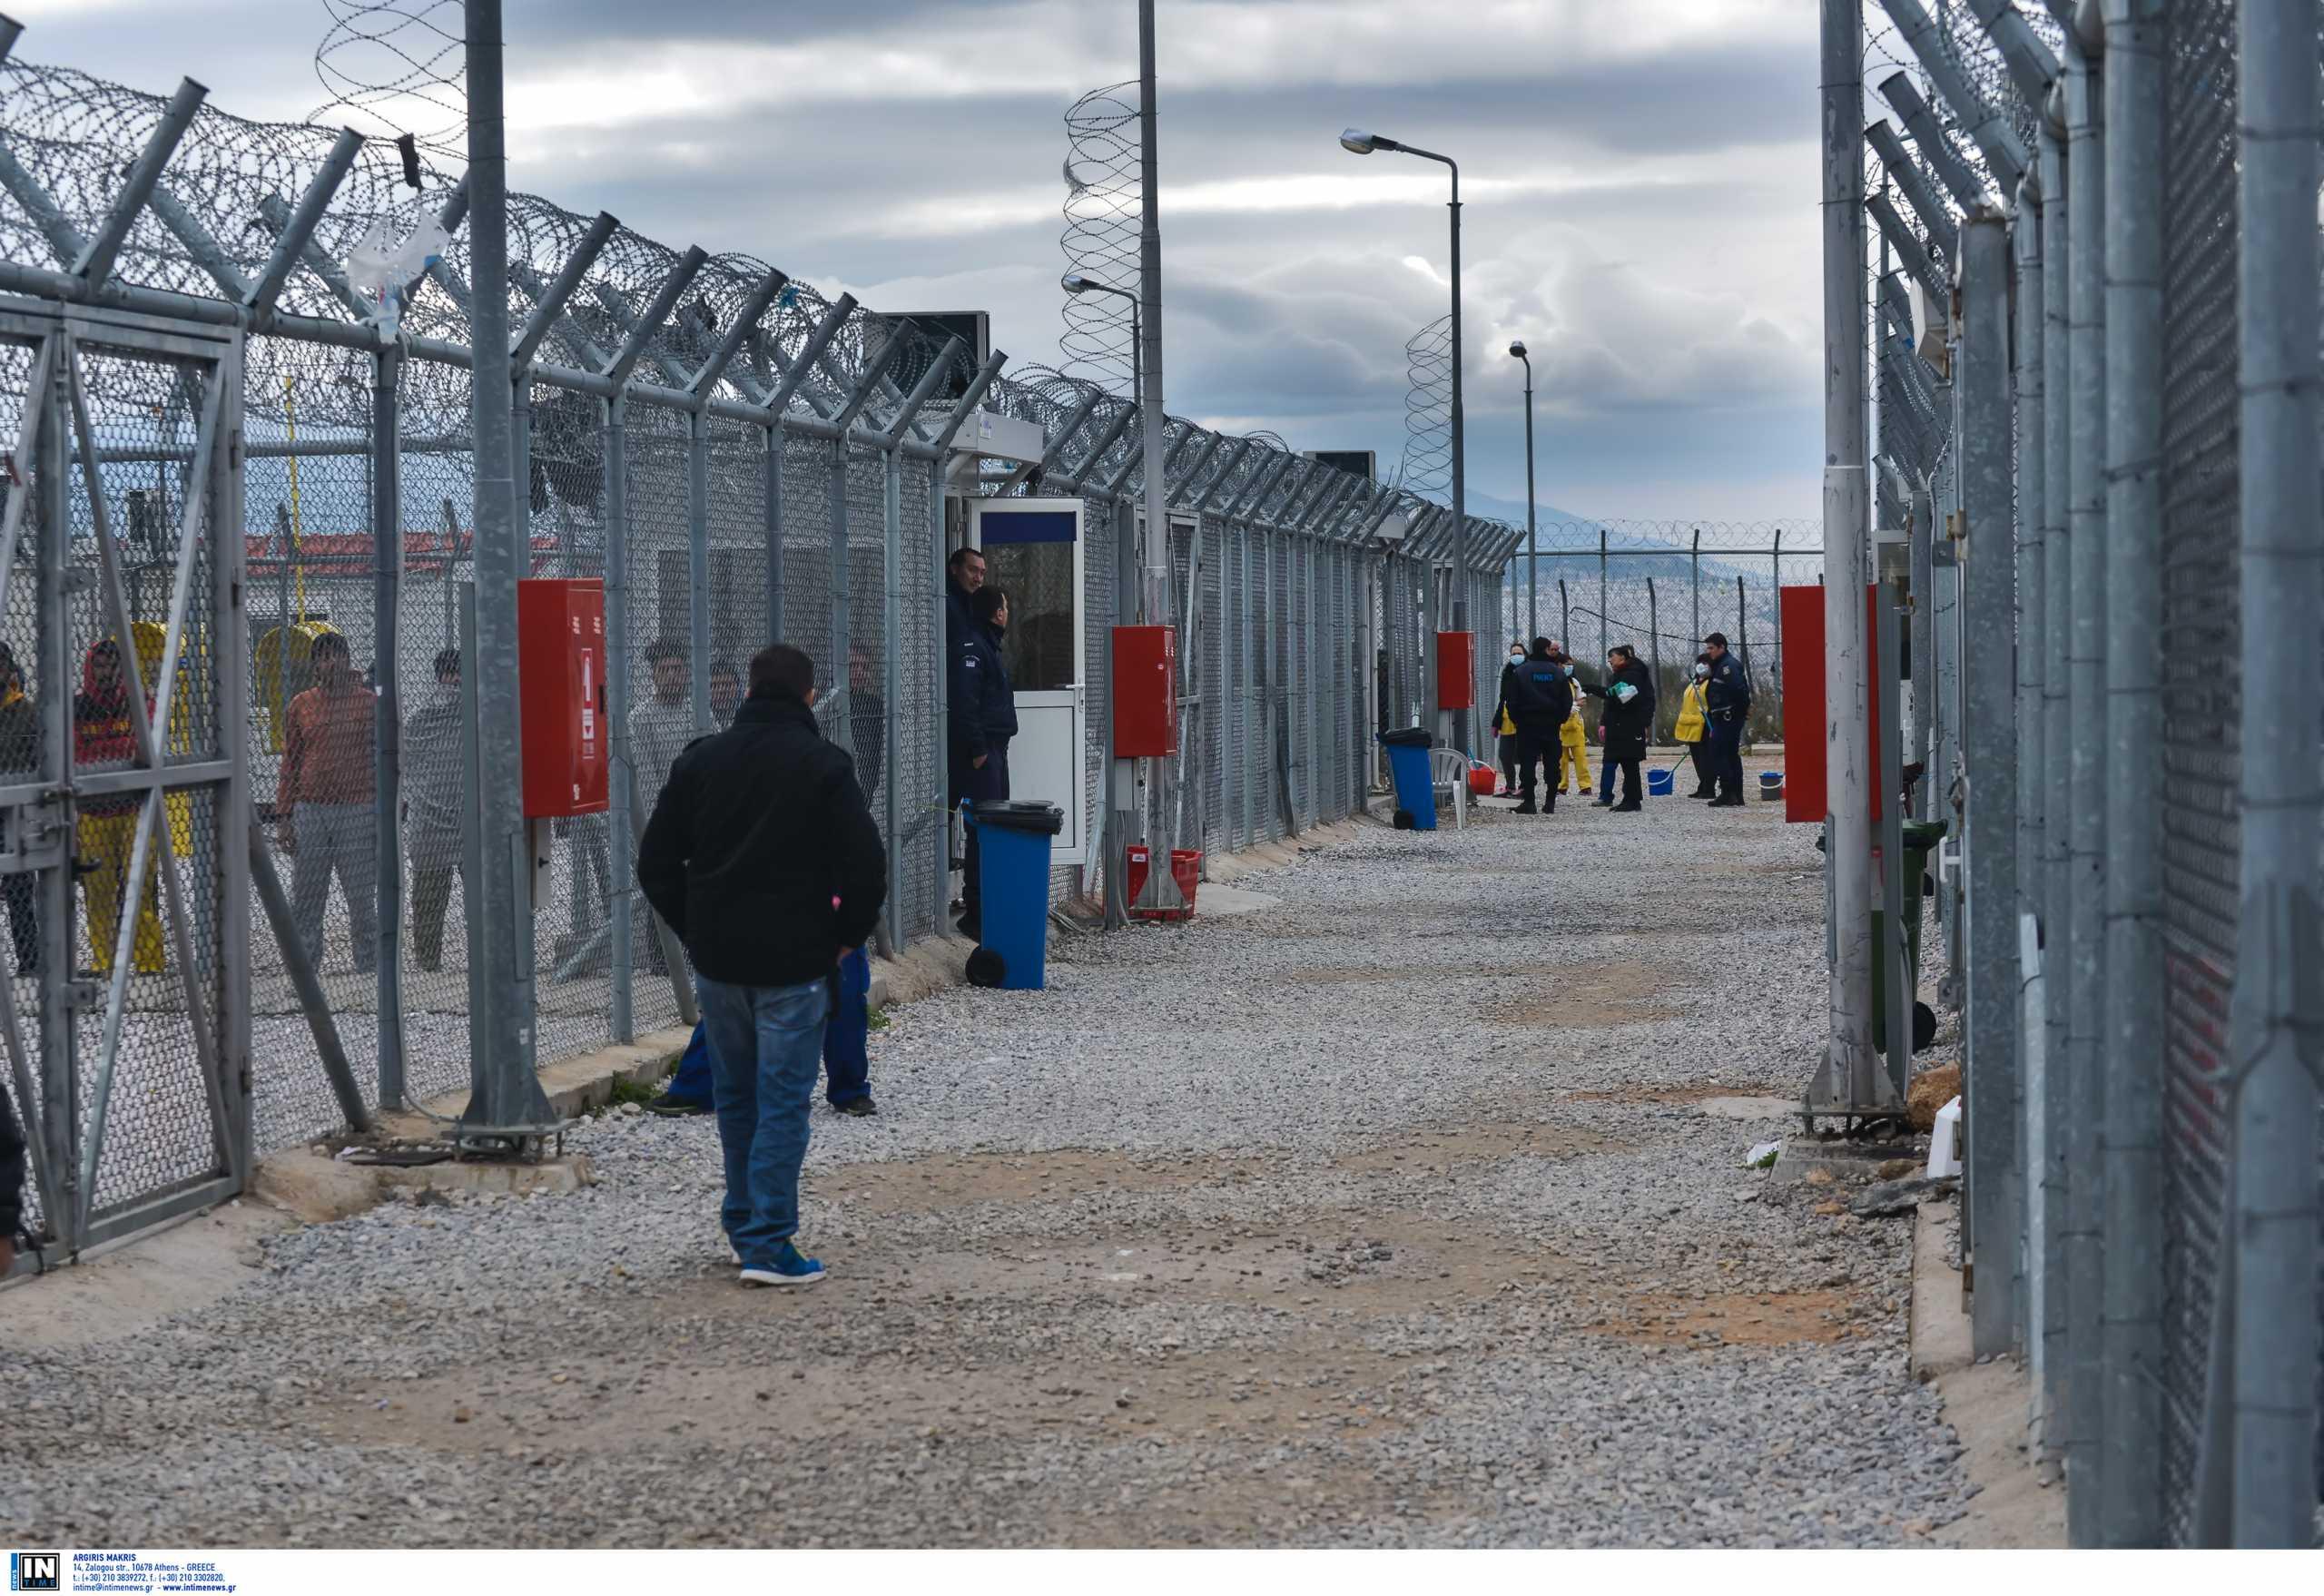 Παρέμβαση τεσσάρων Μητροπολιτών στον Υπουργό Μετανάστευσης: Όχι επέκταση των δομών φιλοξενίας στη Θράκη